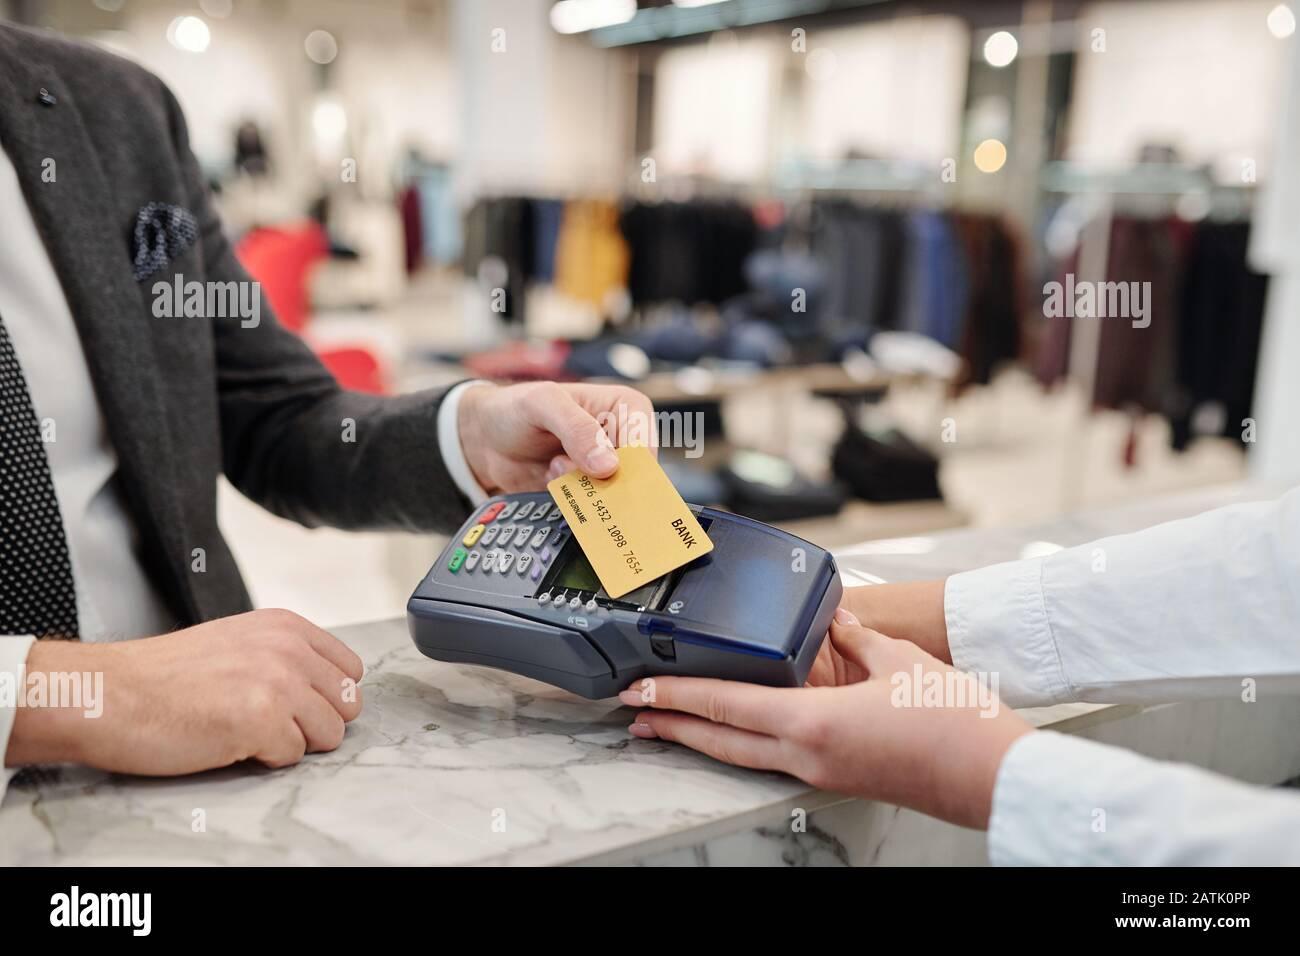 Nahaufnahme eines nicht erkennbaren Geschäftsmannes im Anzug, der an der Theke steht und mit kontaktloser Karte im Geschäft bezahlt Stockfoto